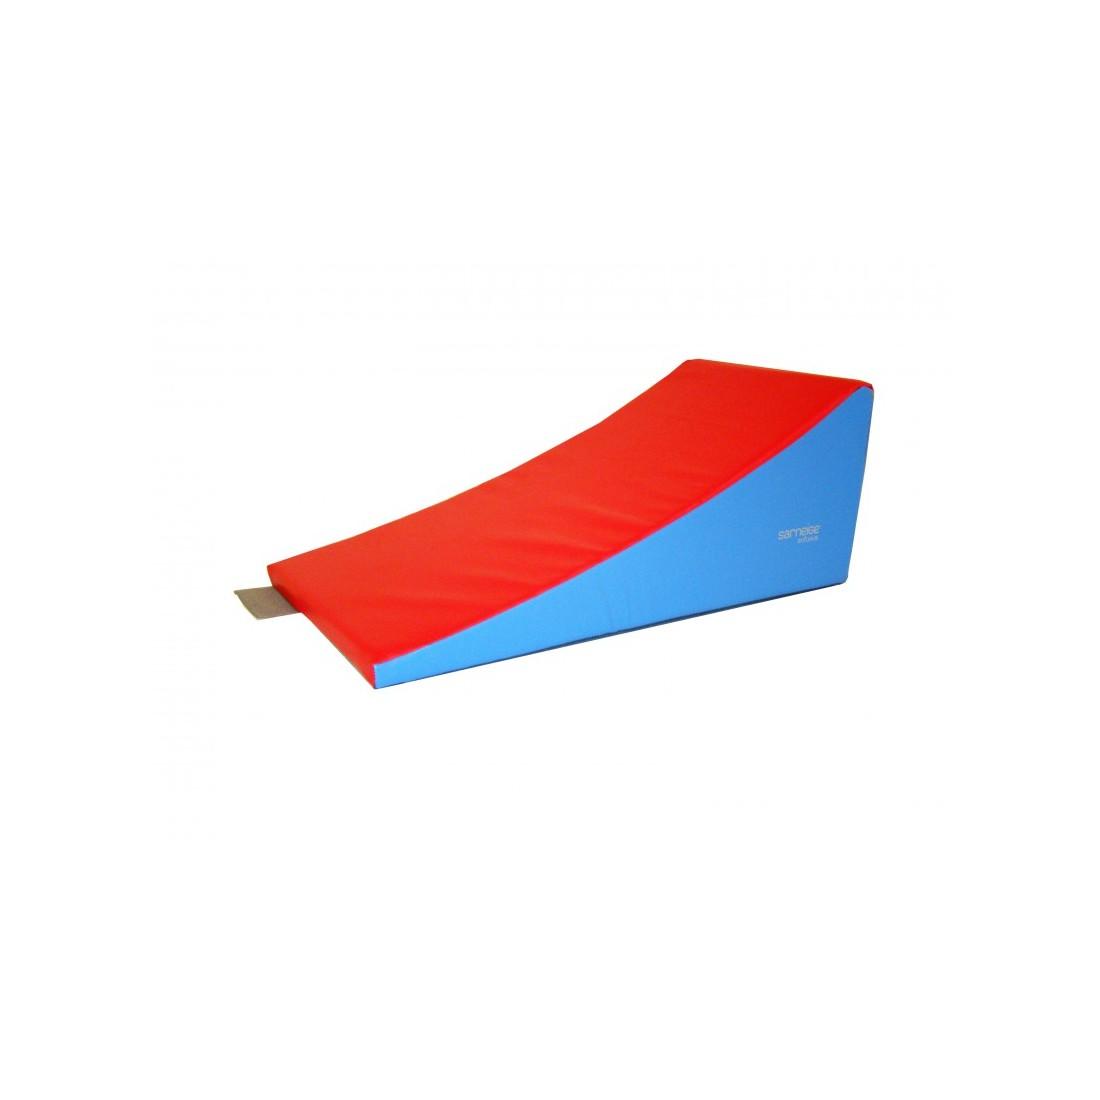 Plan incliné toboggan Sarneige, module plan incliné en mousse Sarneige à acheter pas cher.